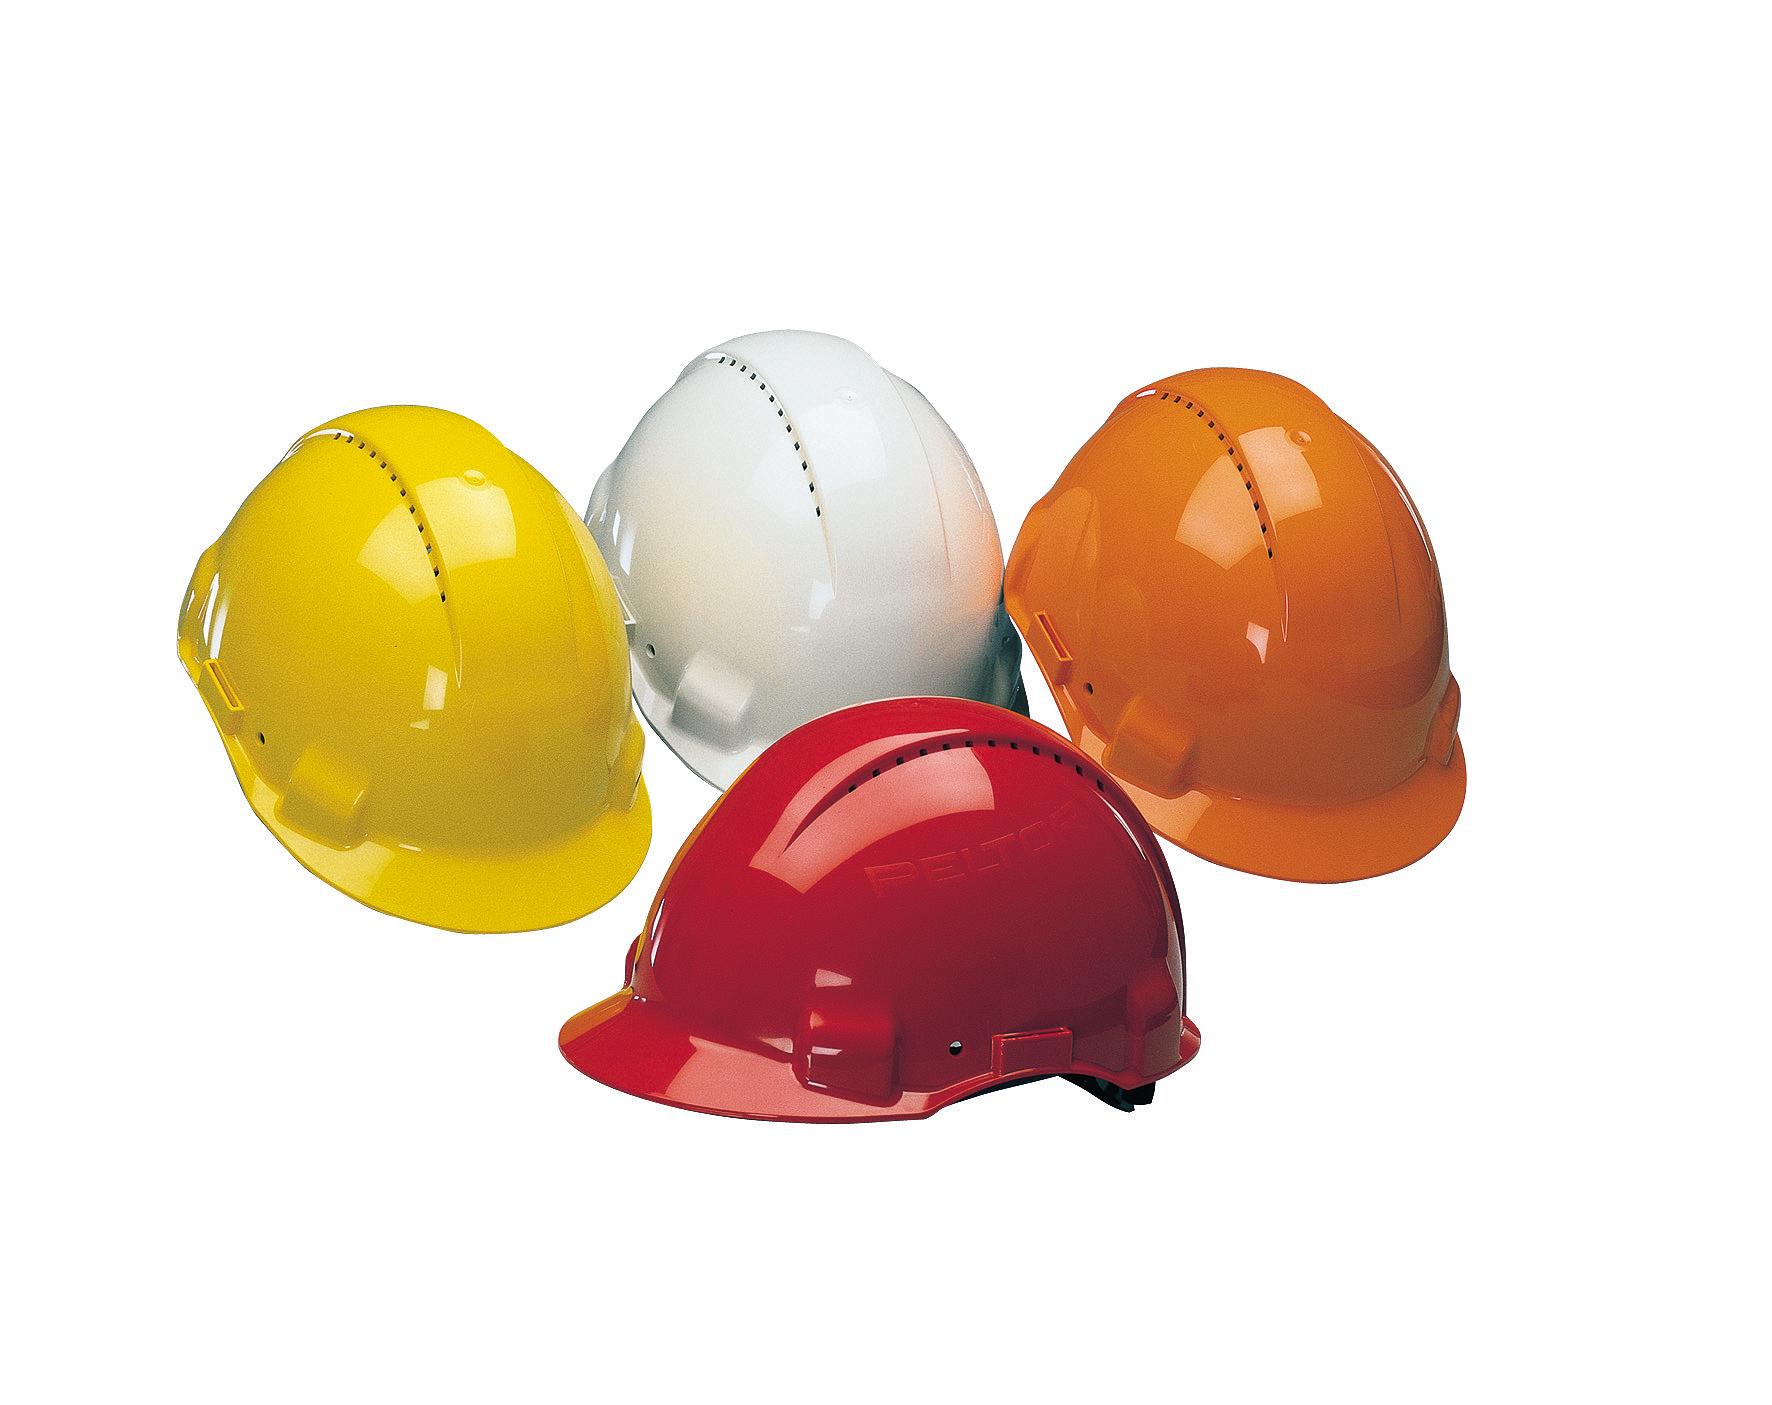 Cores dos capacetes não são por acaso. Tons seguem padrões que priorizam a segurança e a organização